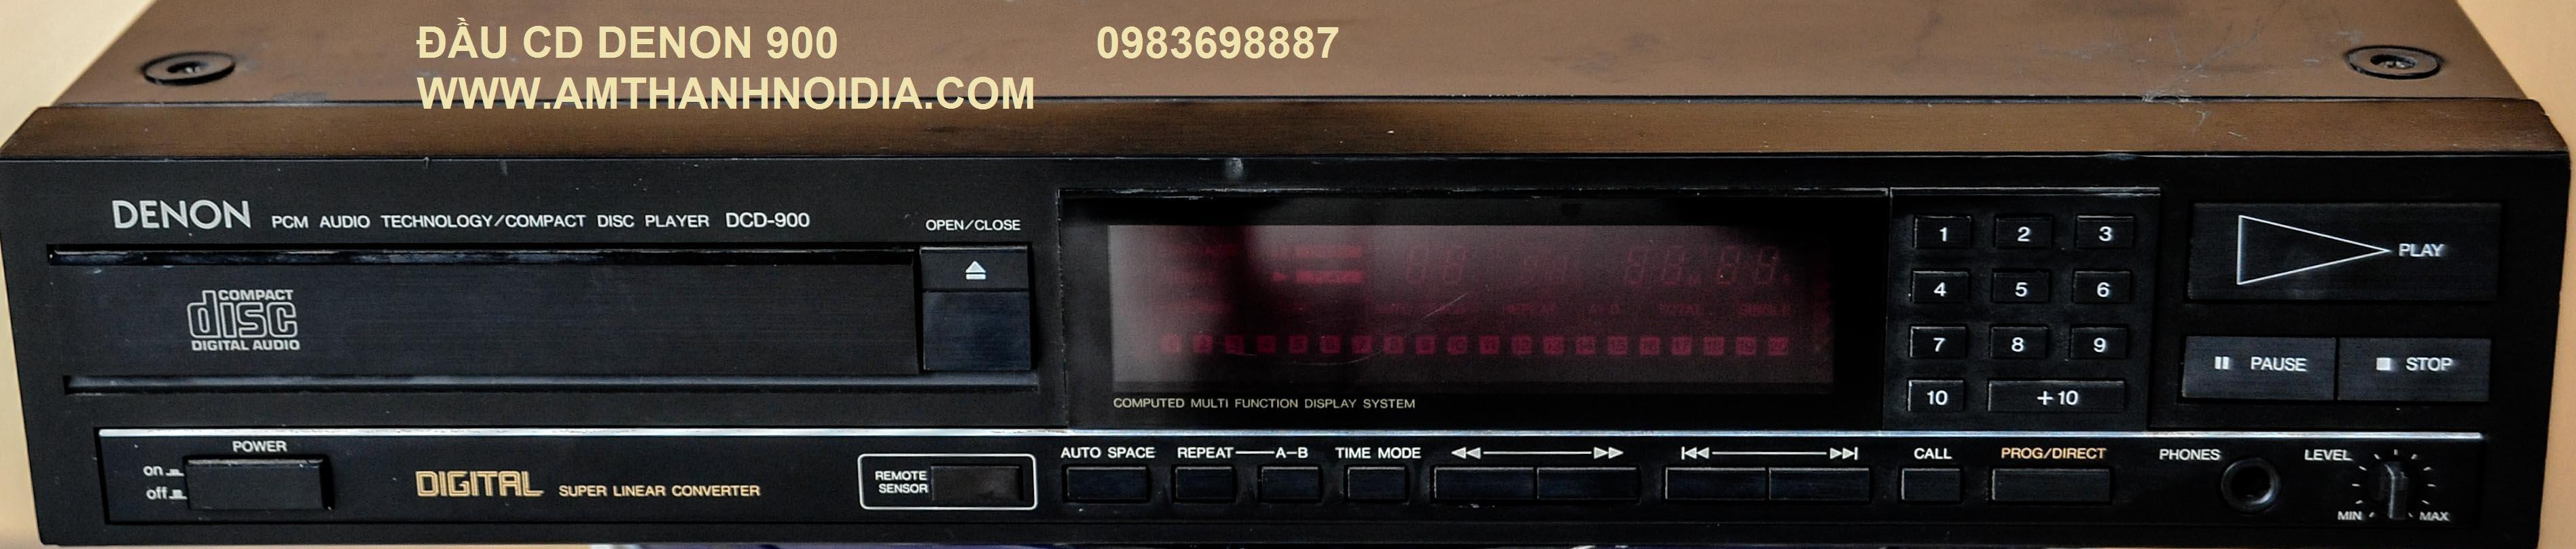 CD DENON 900